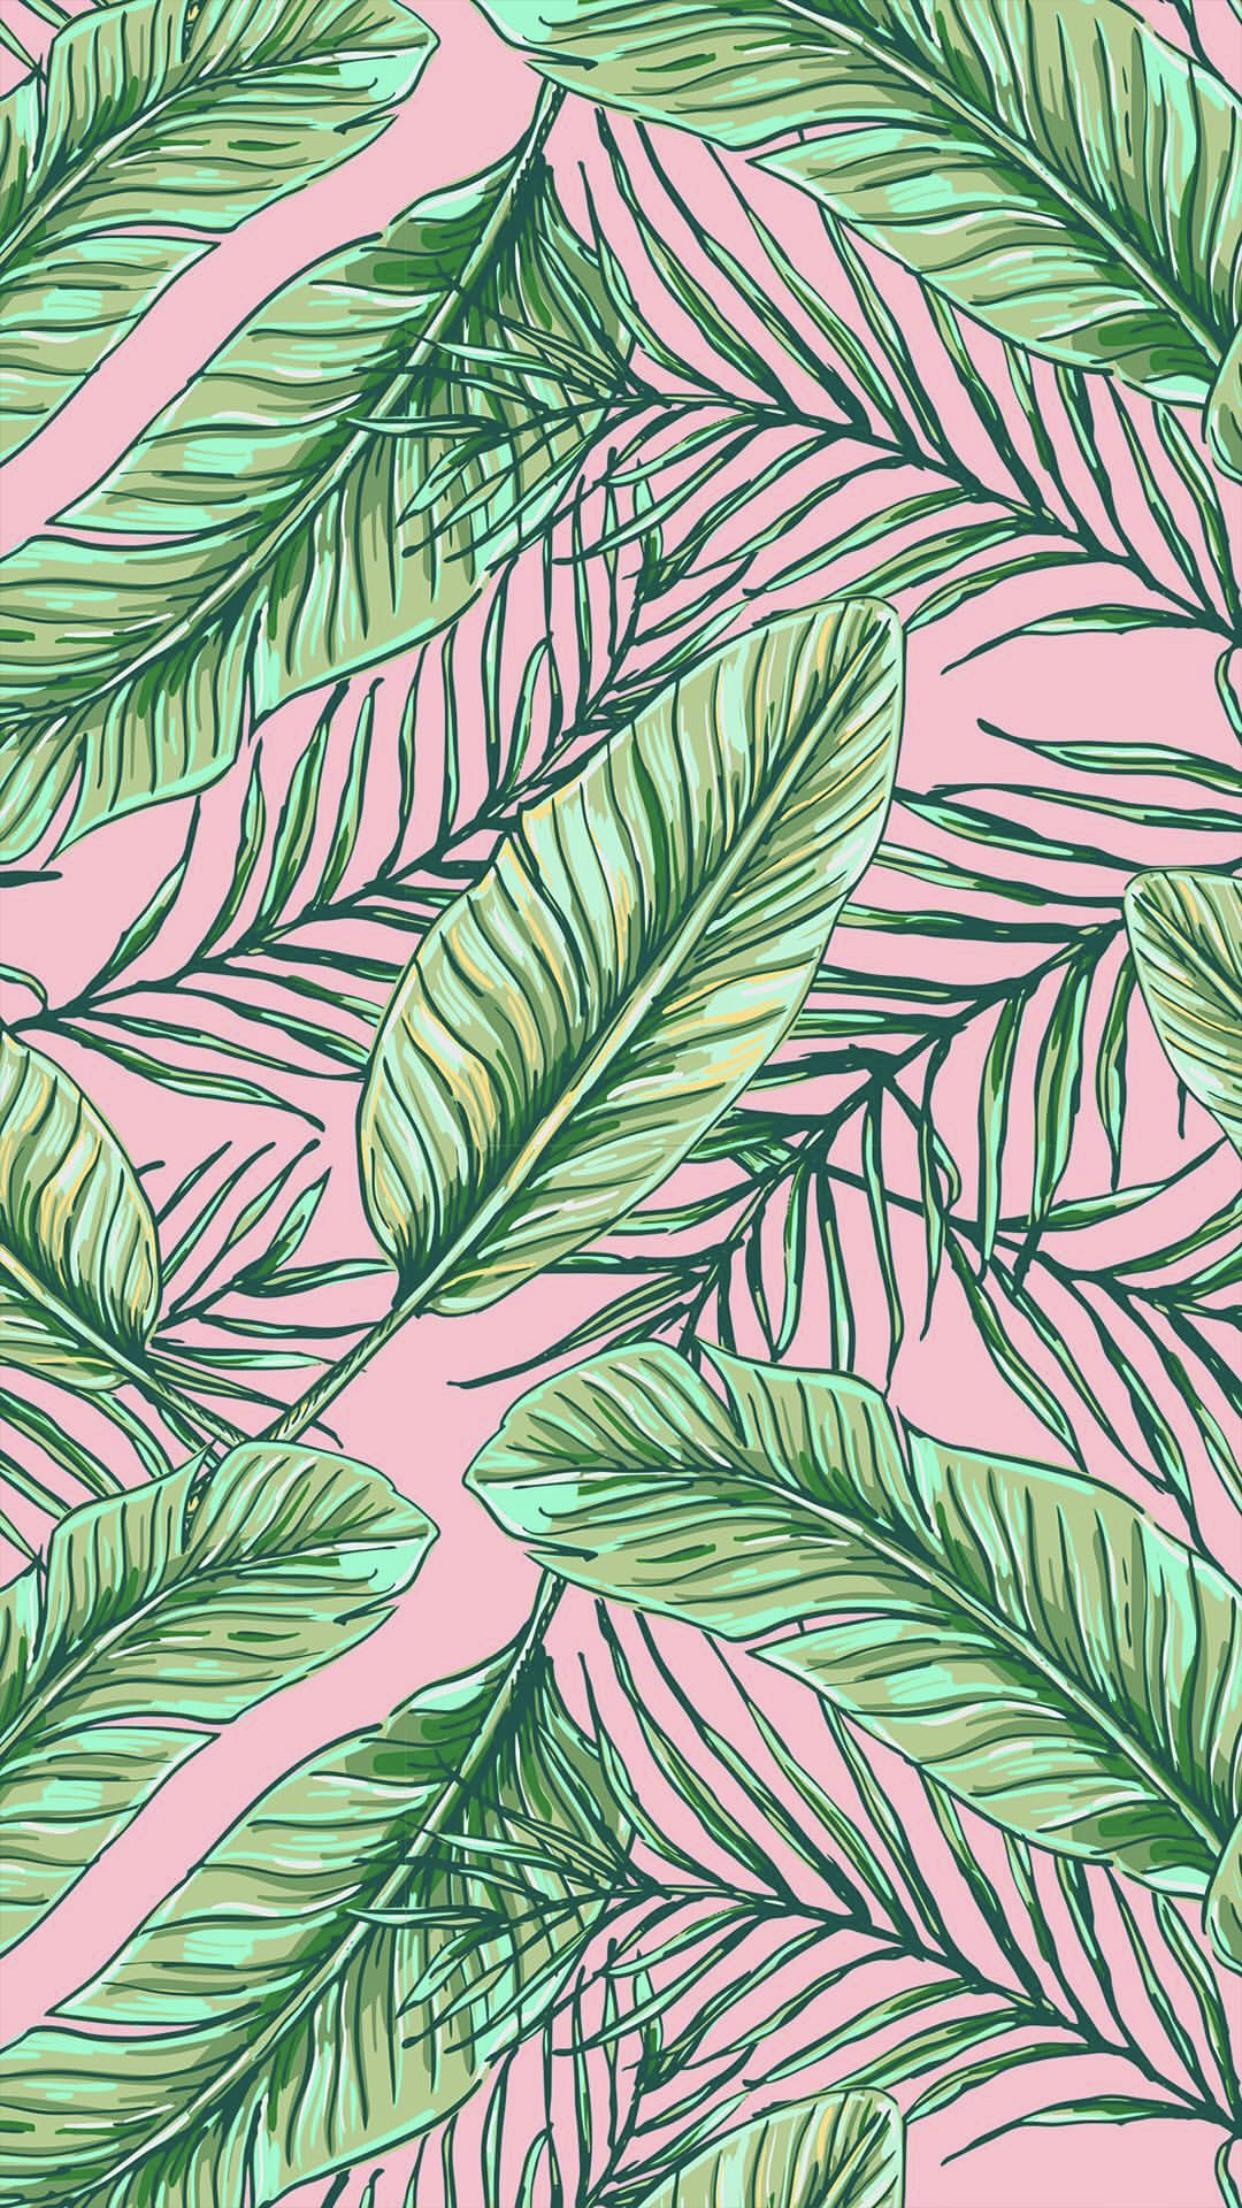 Download 9900 Wallpaper Tumblr Leaves Gambar Terbaik